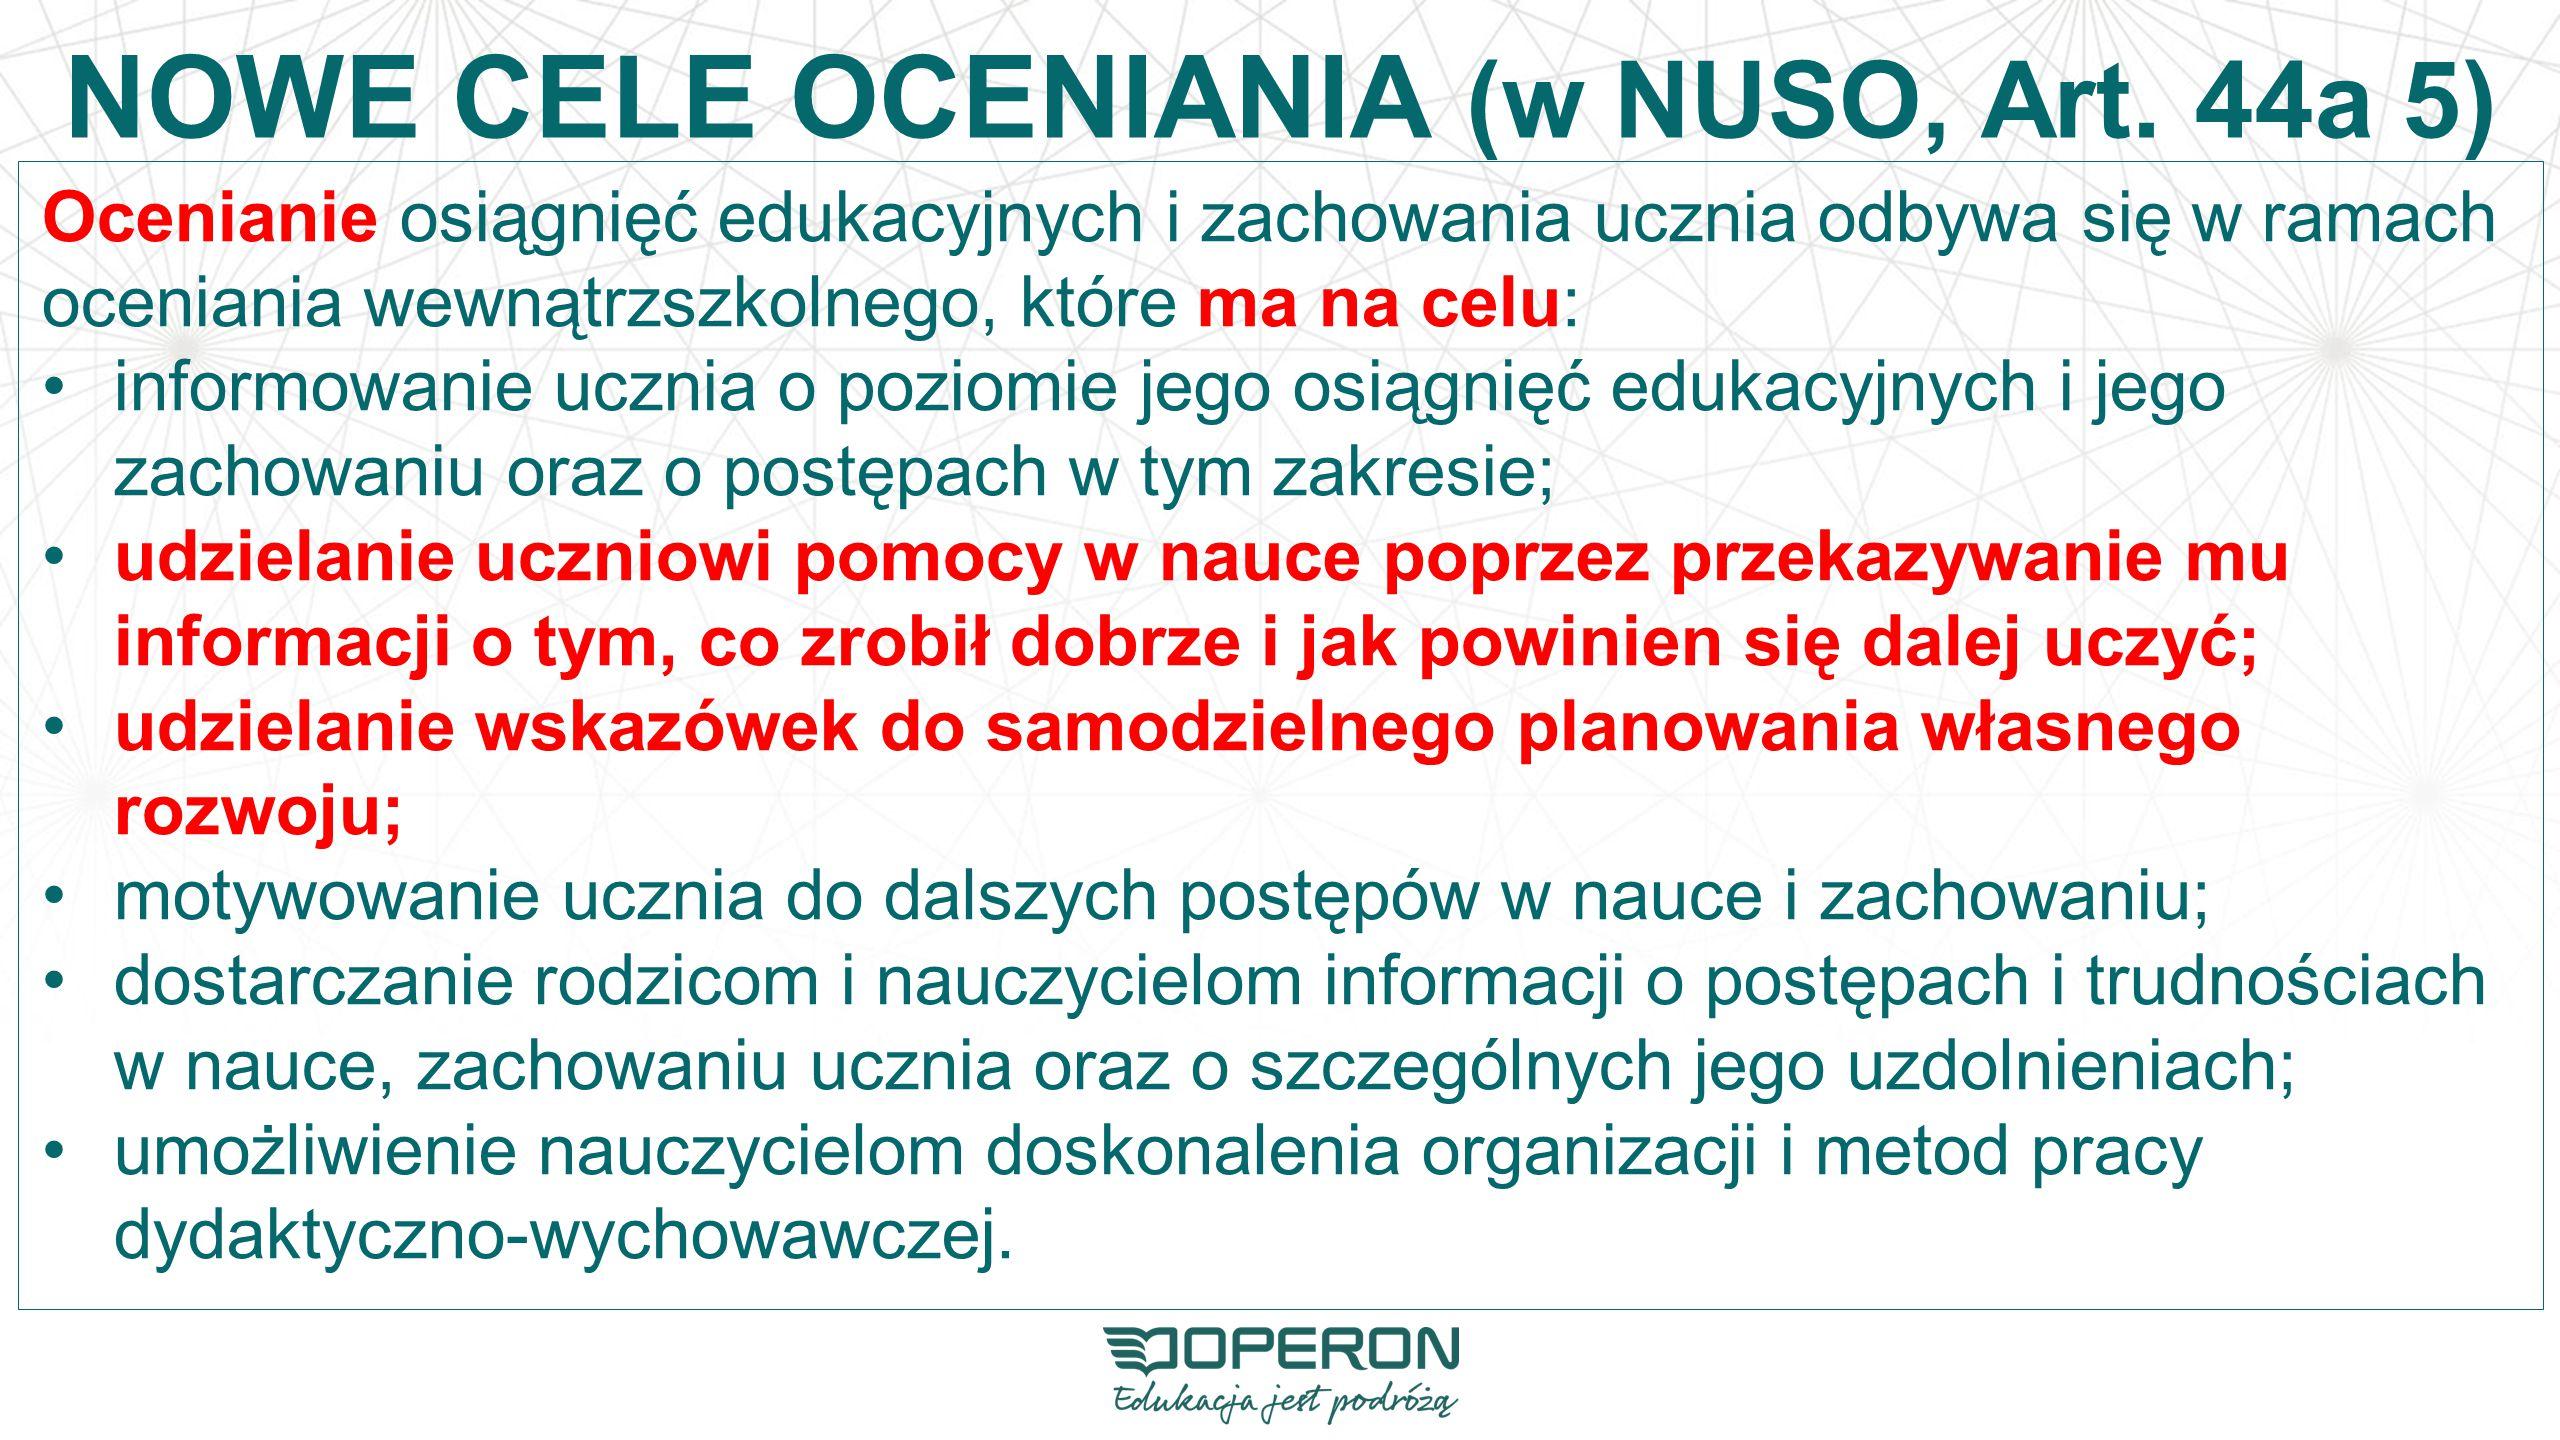 NOWE CELE OCENIANIA (w NUSO, Art. 44a 5)